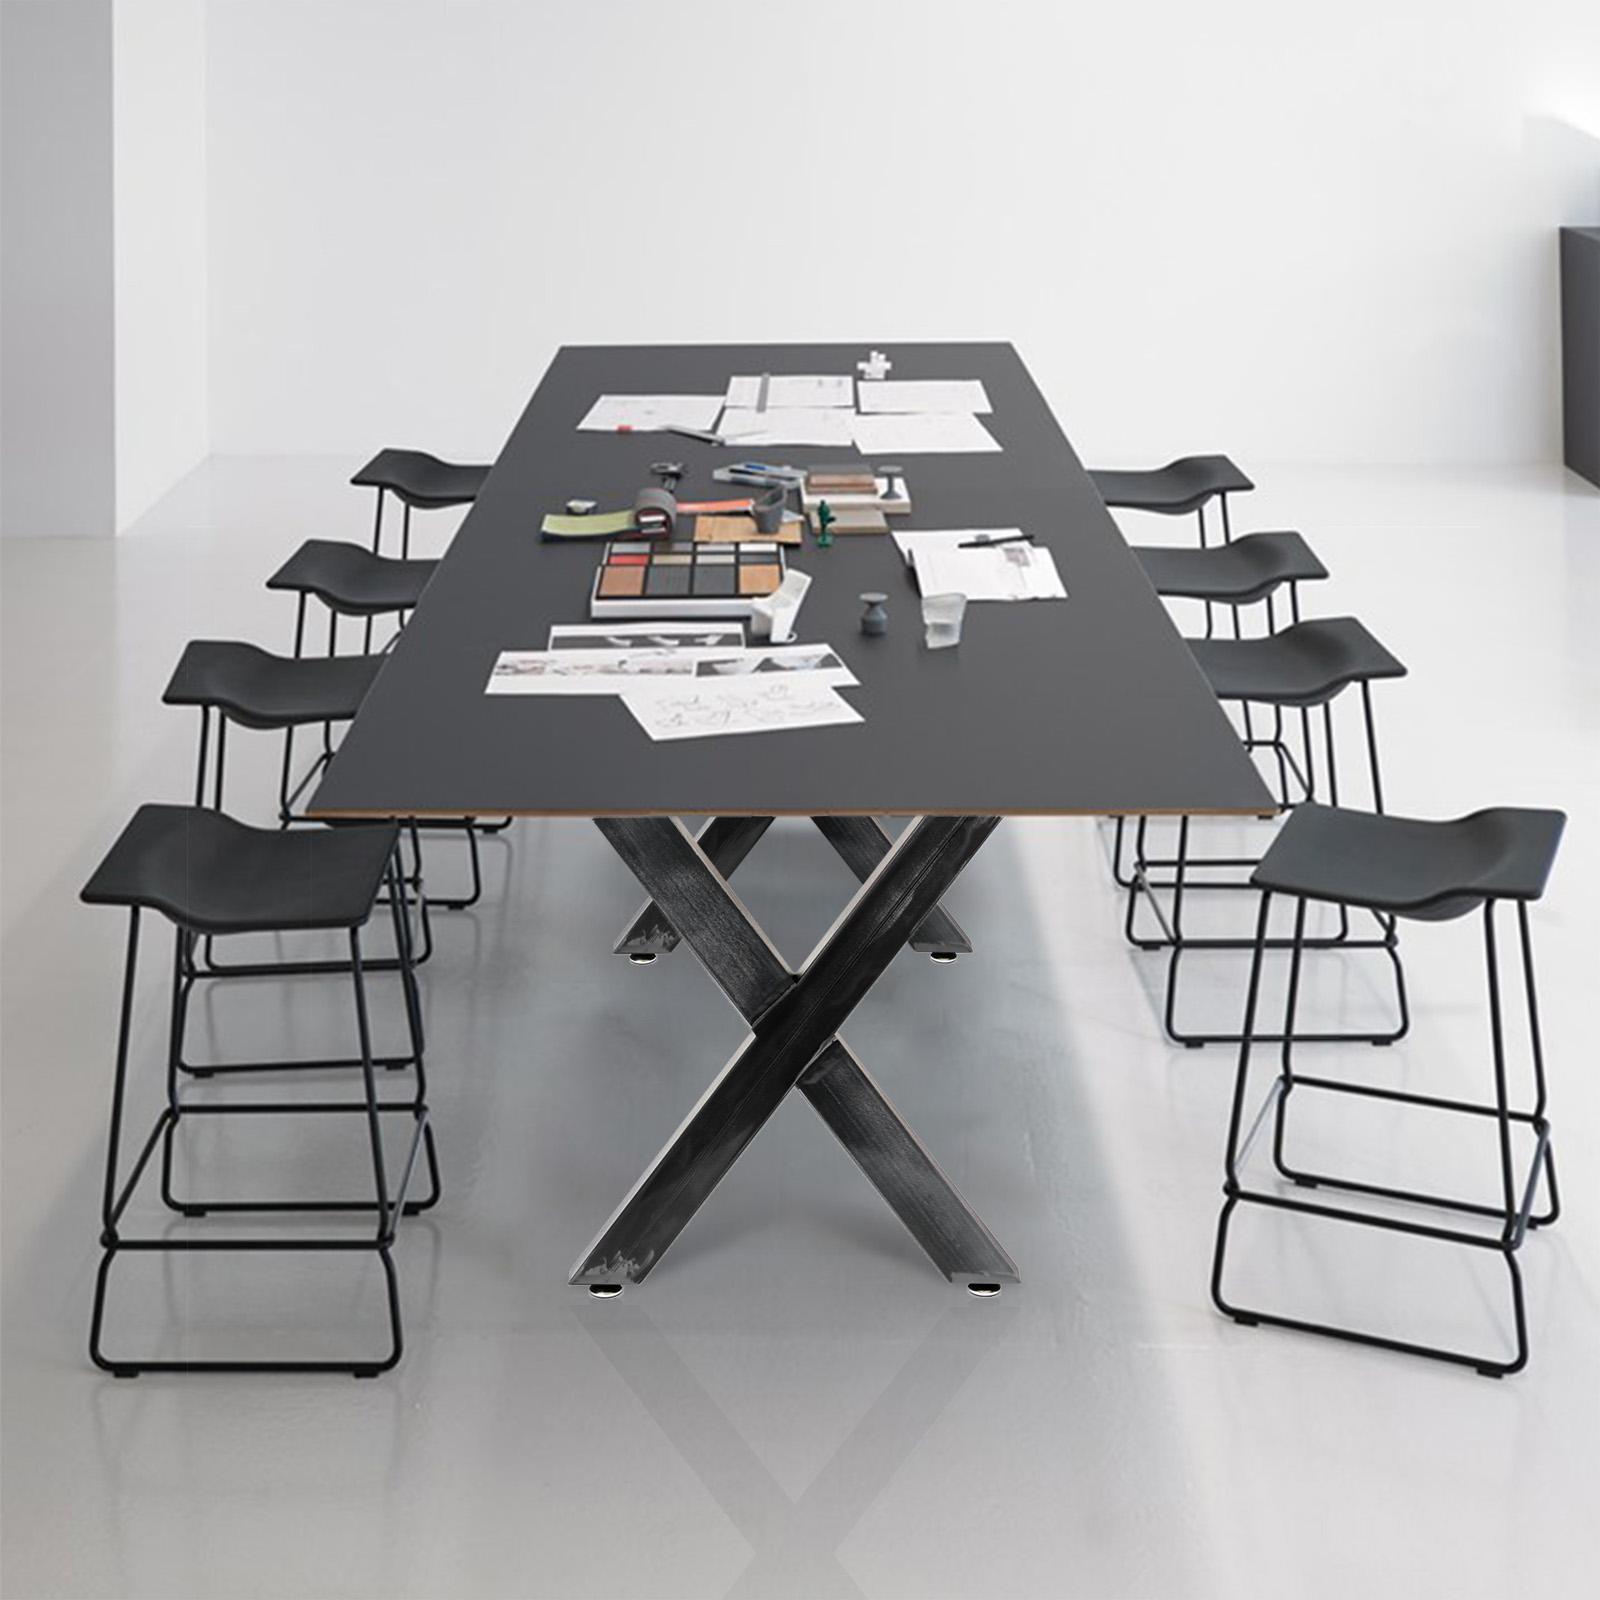 Pieds de table en Profil carré 12x12cm Acier vernis Revêtement ...